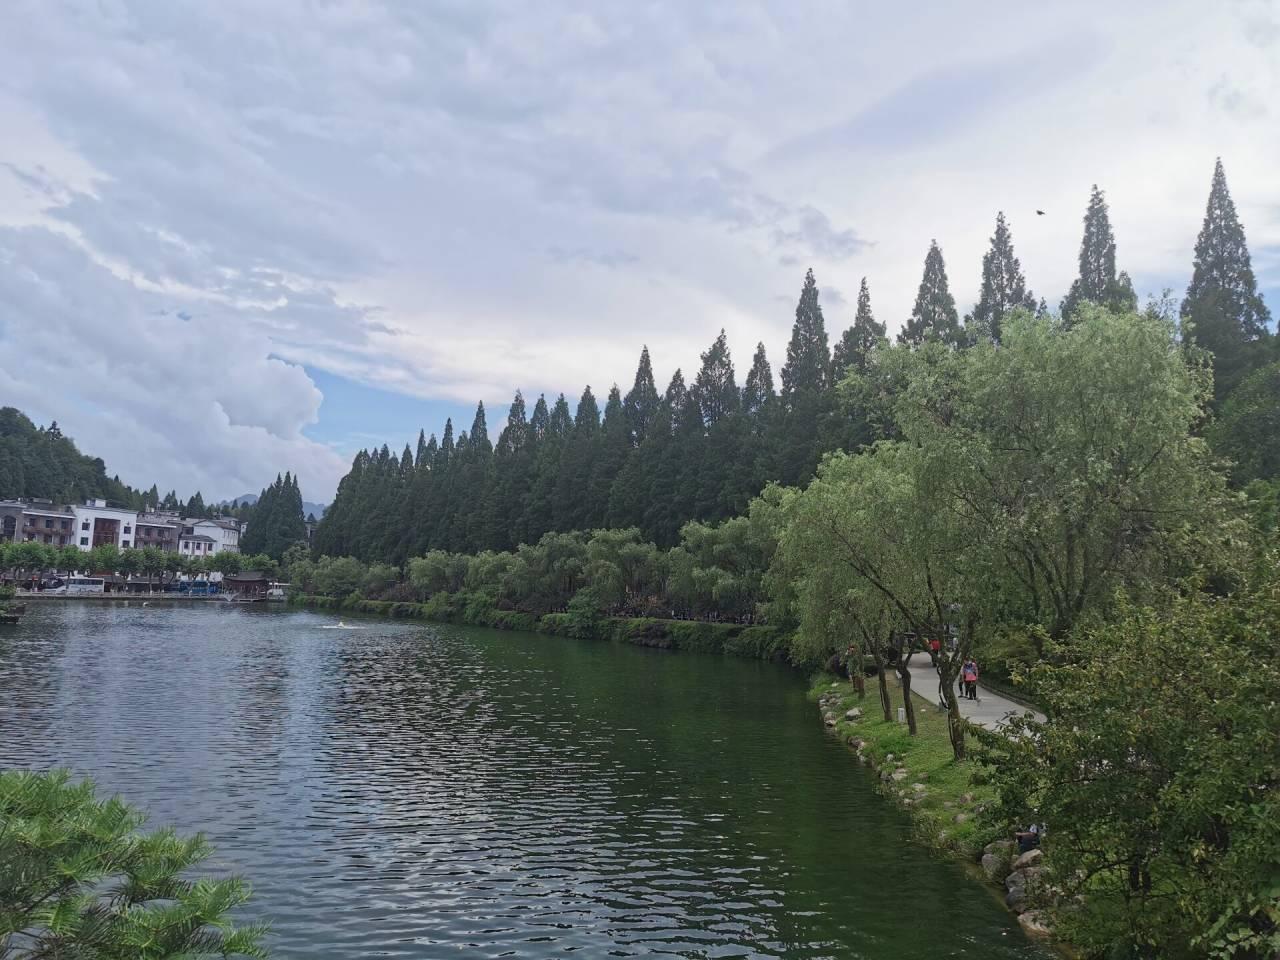 井冈山之挹翠湖一隅06.jpg